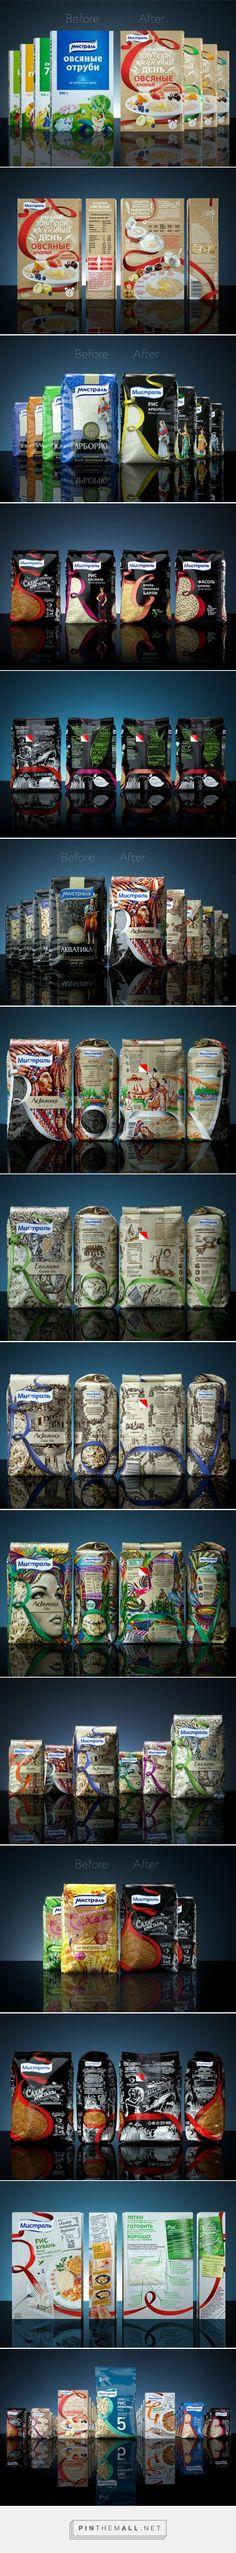 Mistral Redesigned packaging designed by DDVB - http://www.packagingoftheworld.com/2015/10/mistral-redesigned.html